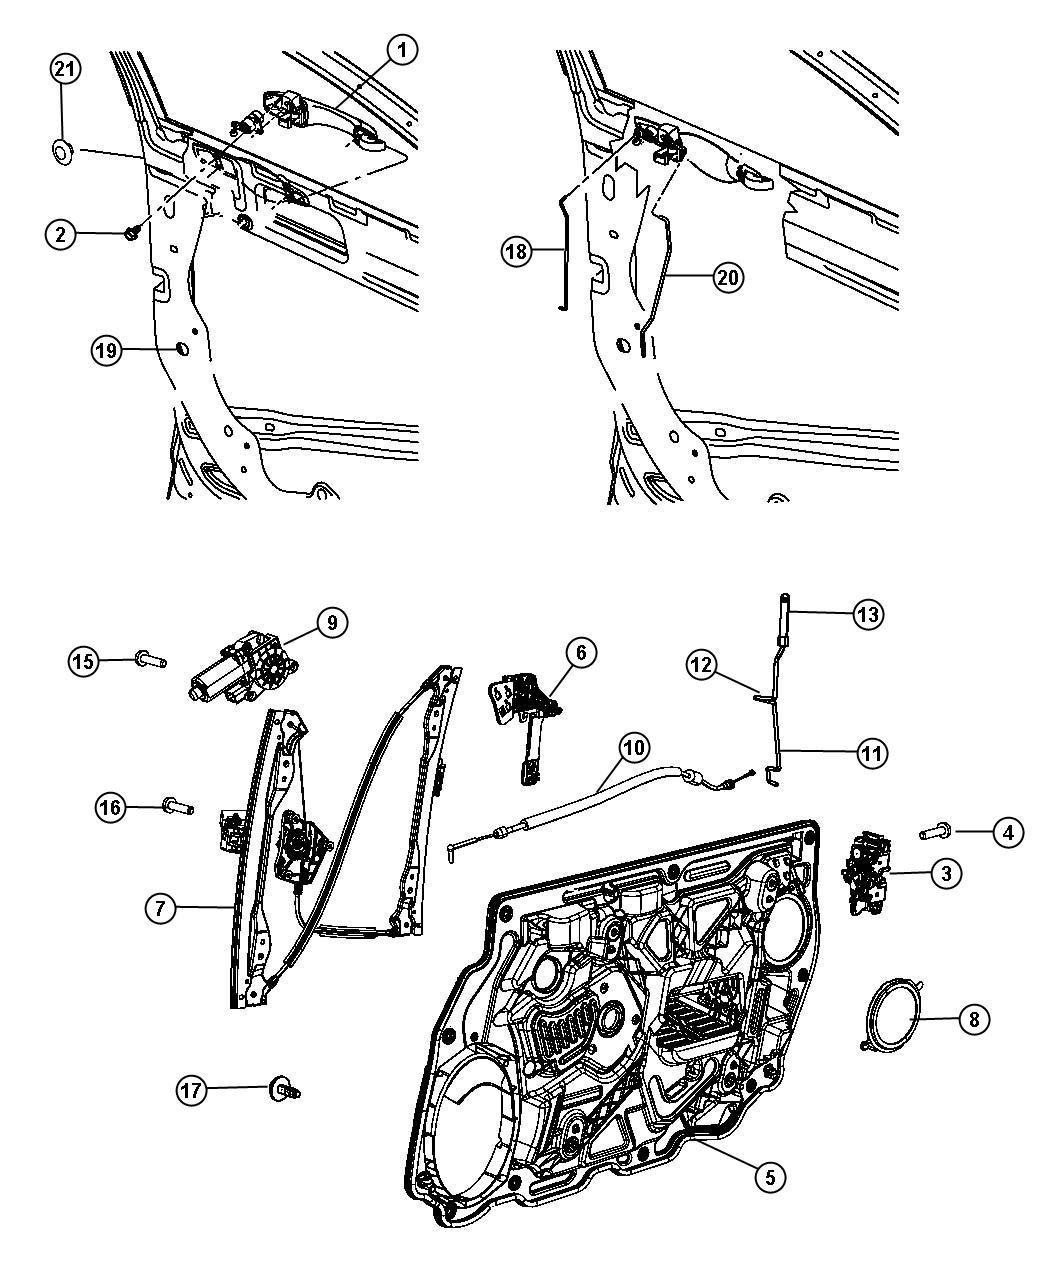 2013 Dodge Avenger Motor. Window regulator. 2 pin. Right